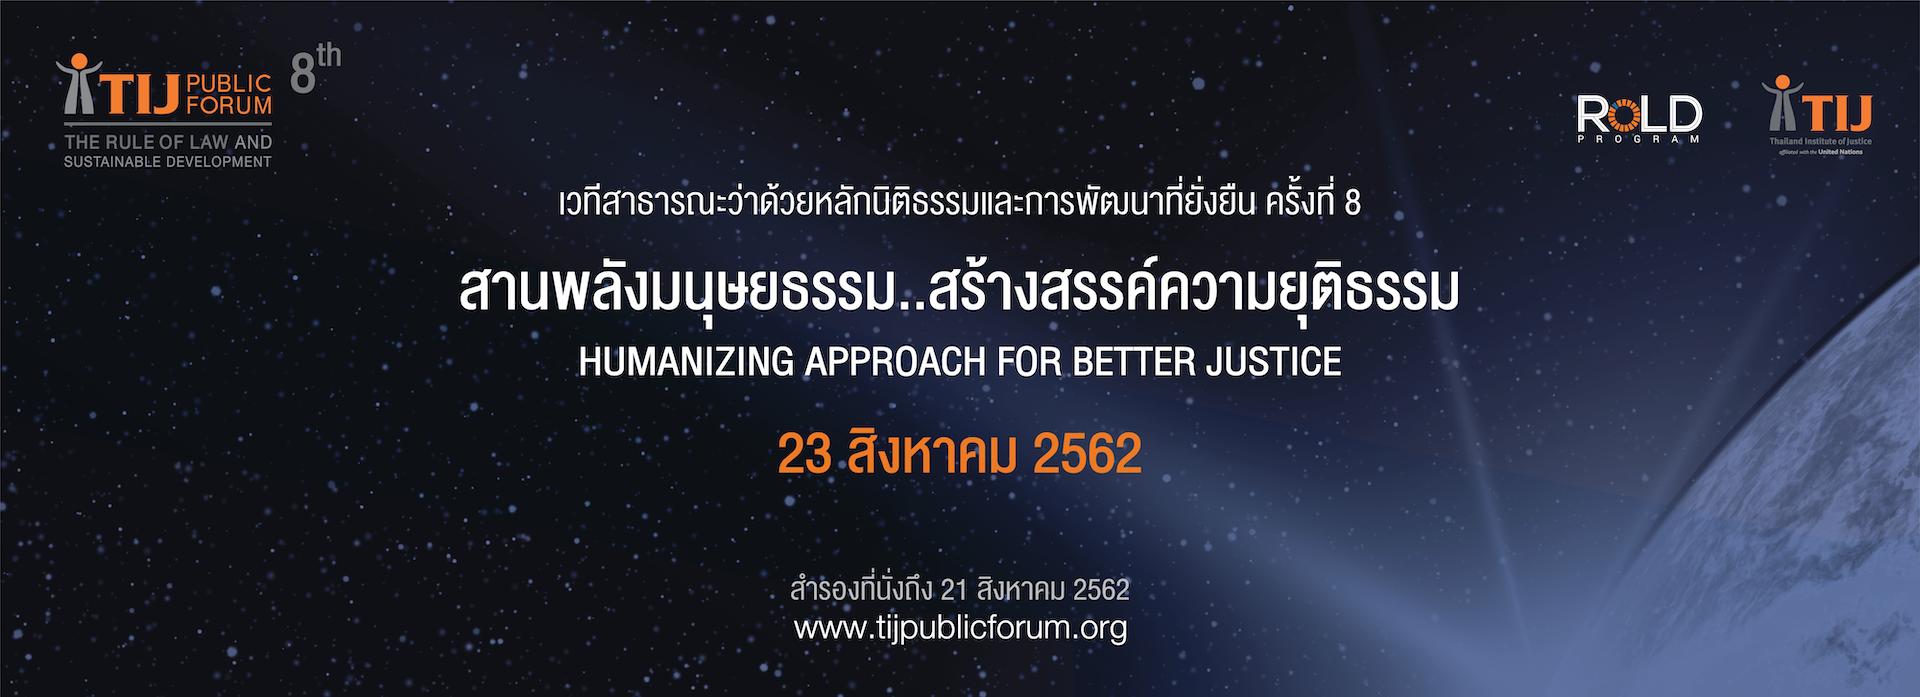 Public forum 8